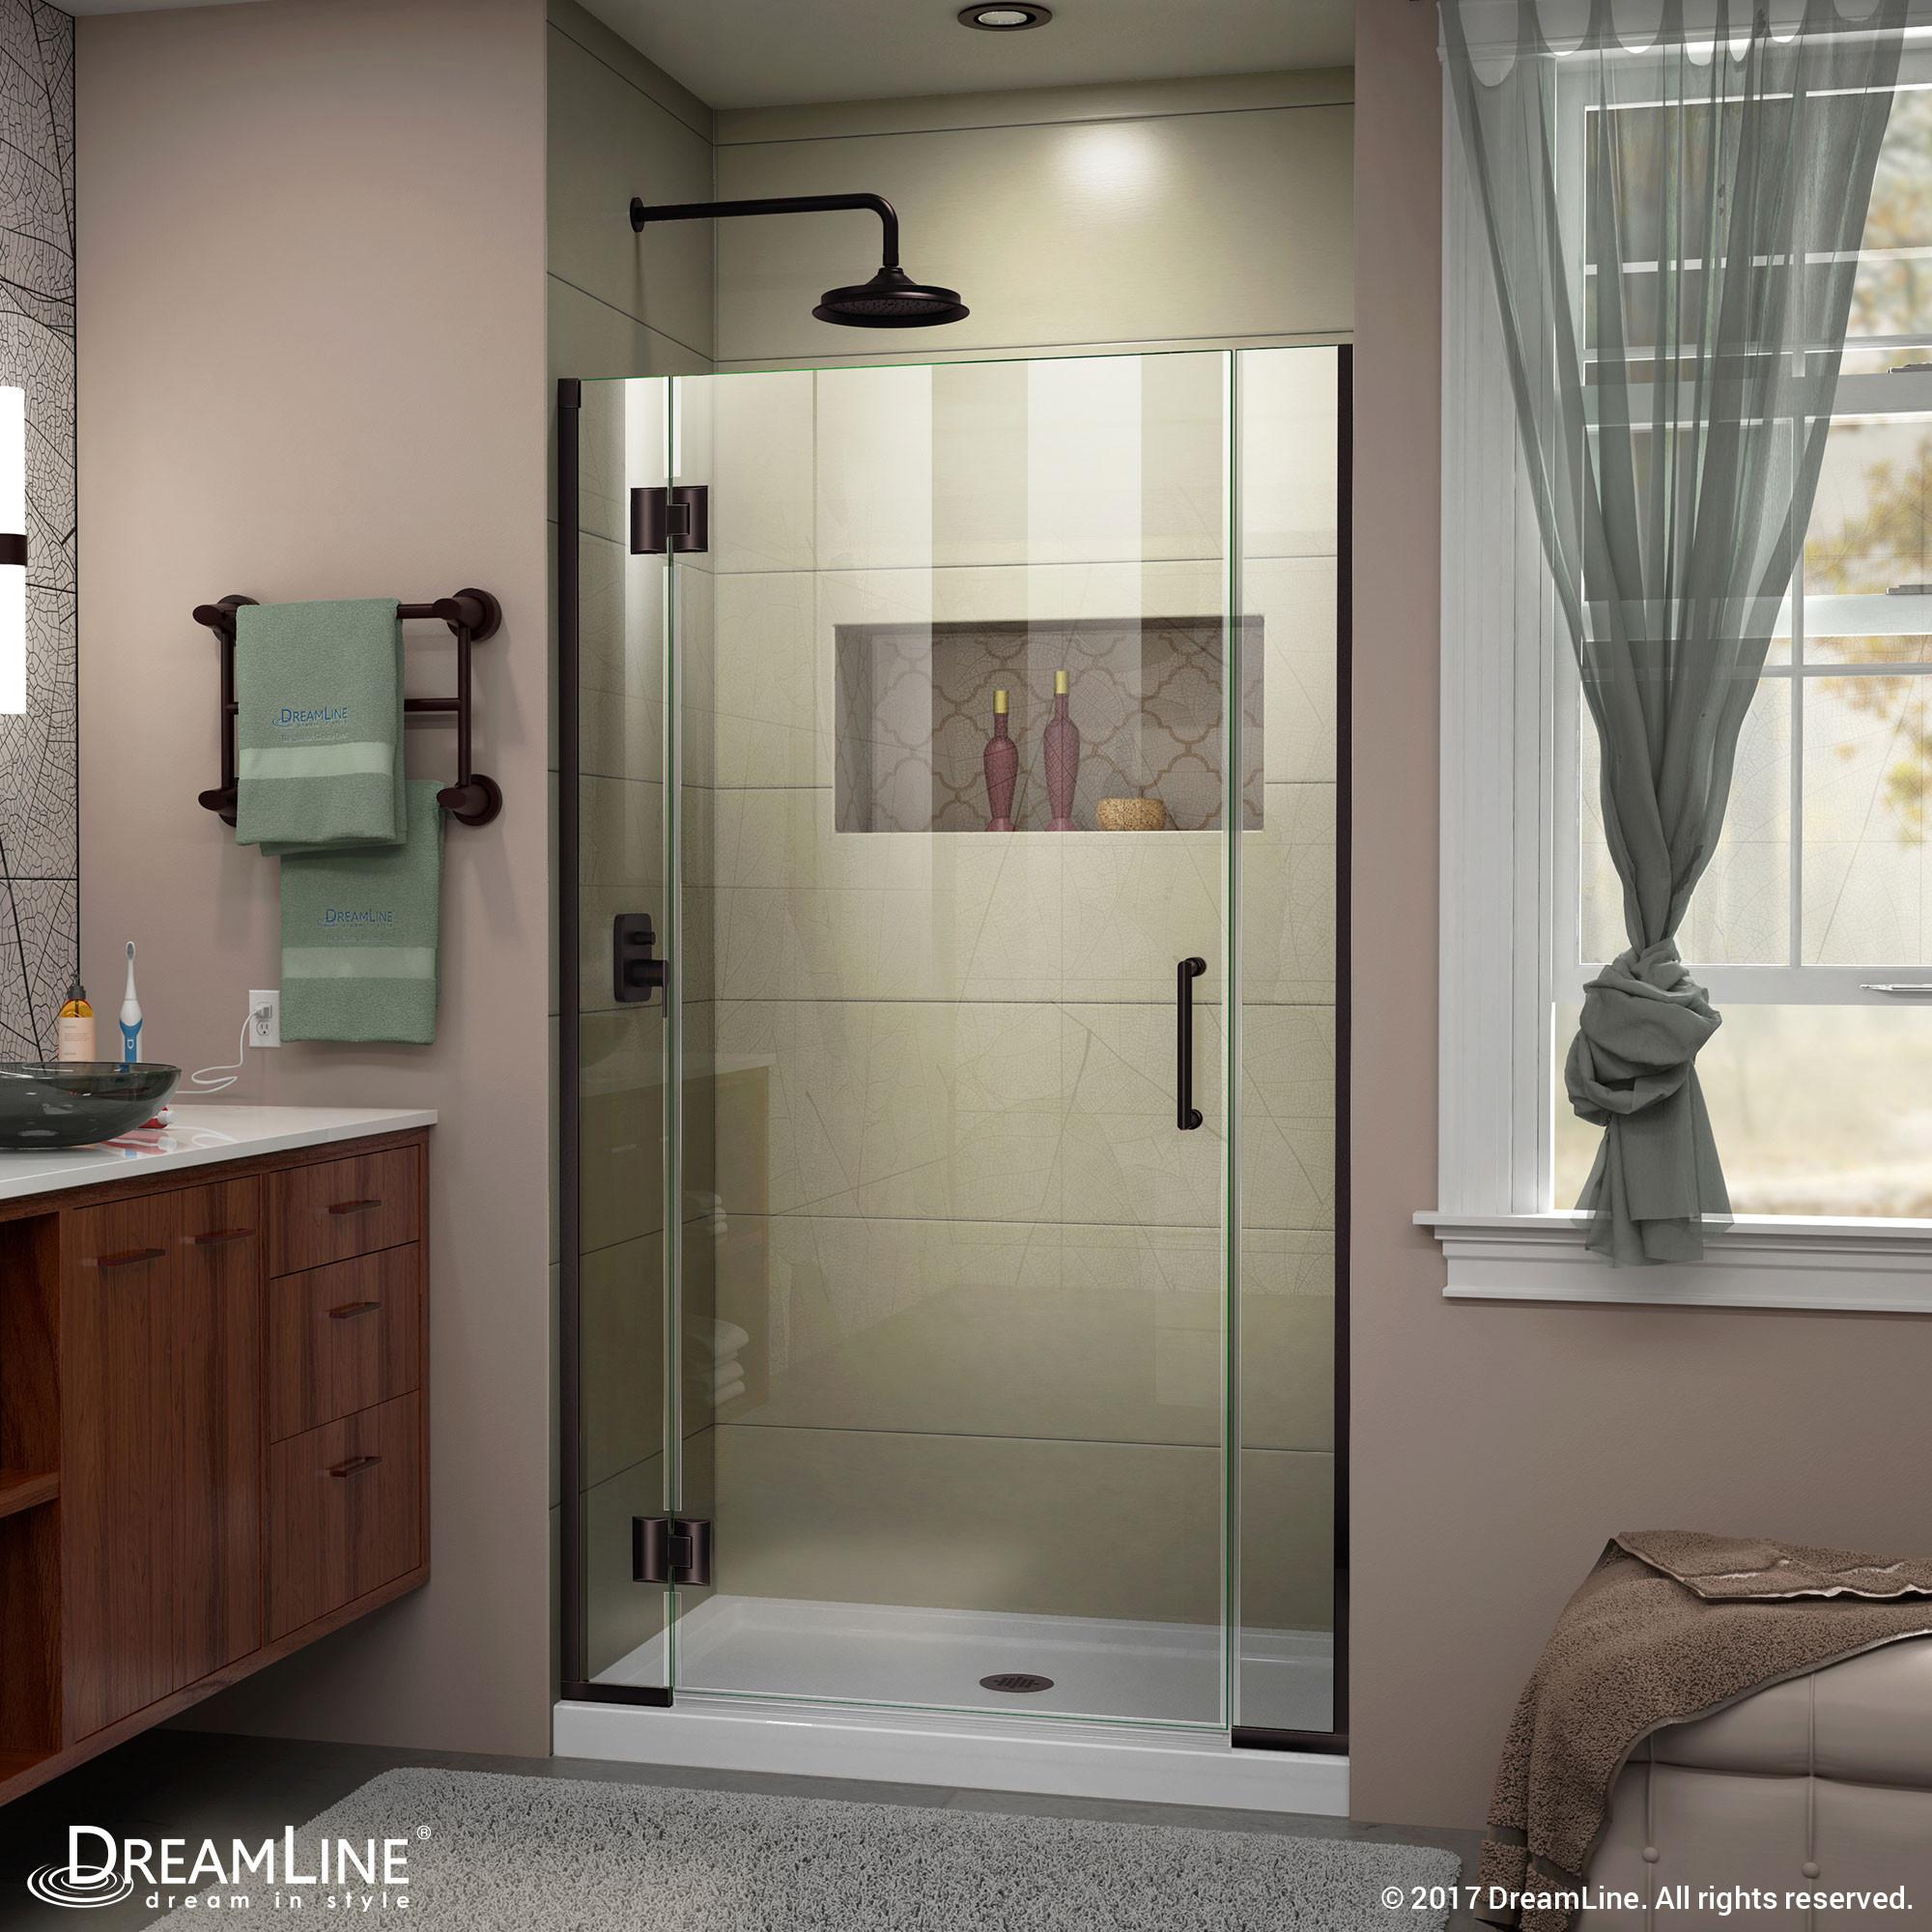 DreamLine D1280672-06 Oil Rubbed Bronze - Interior